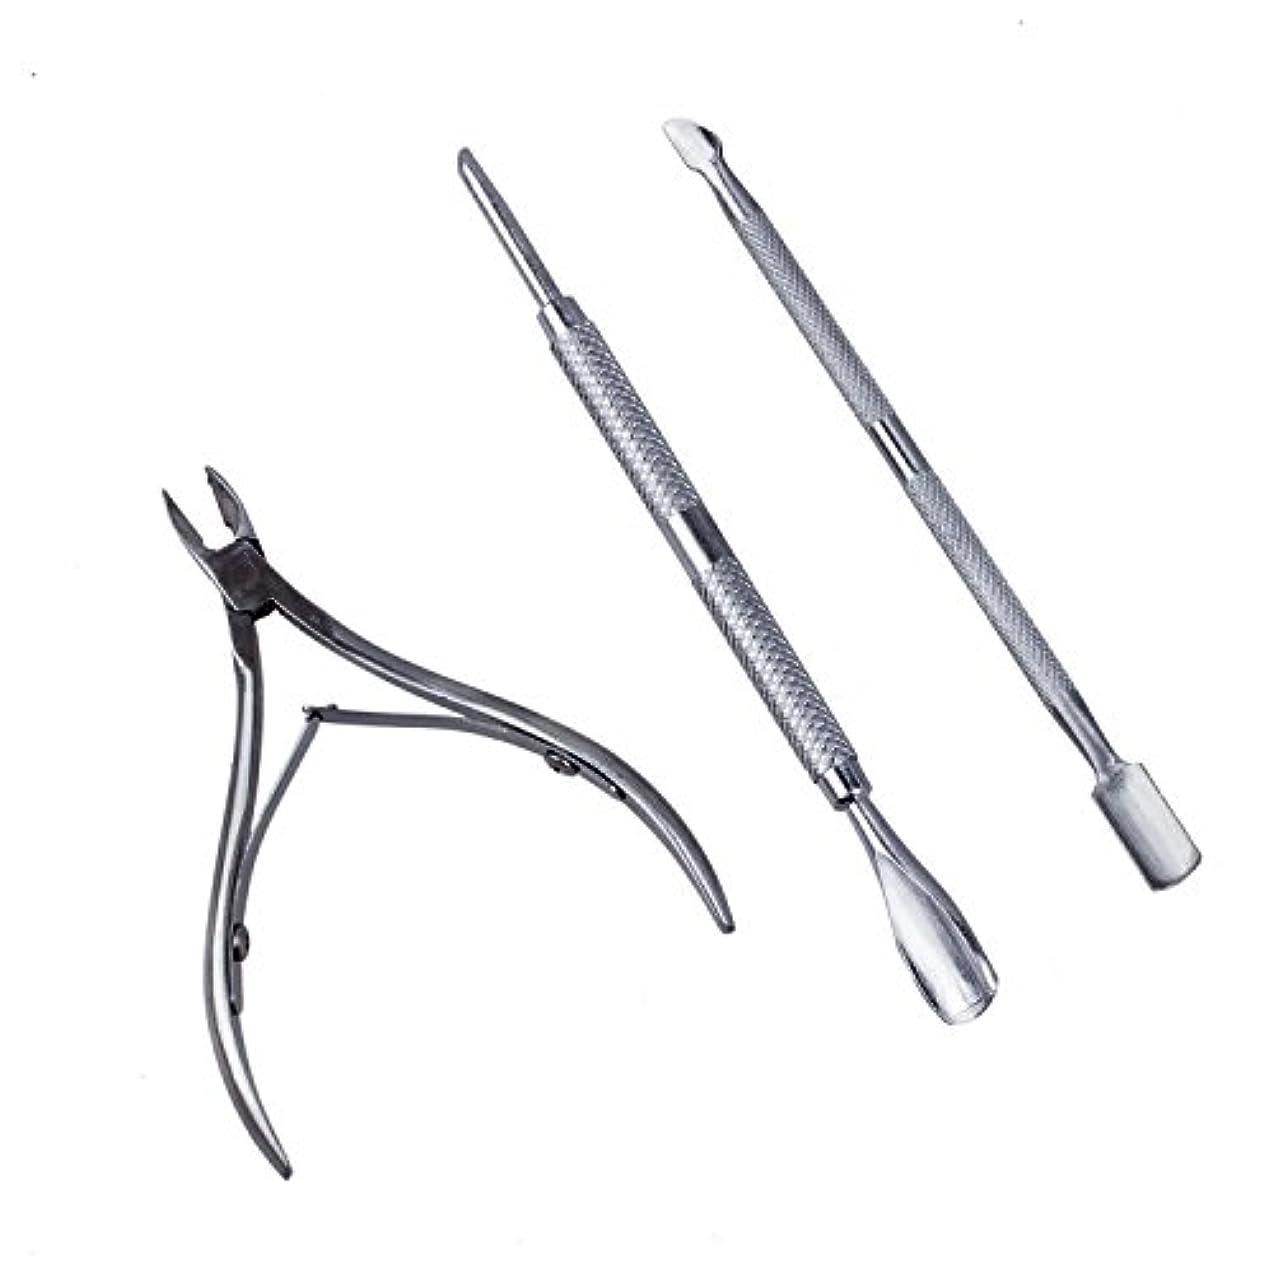 ラテン長いです踏み台upperx ポケットネイルキューティクルニッパーパックは、爪切りが含まれています、パック3